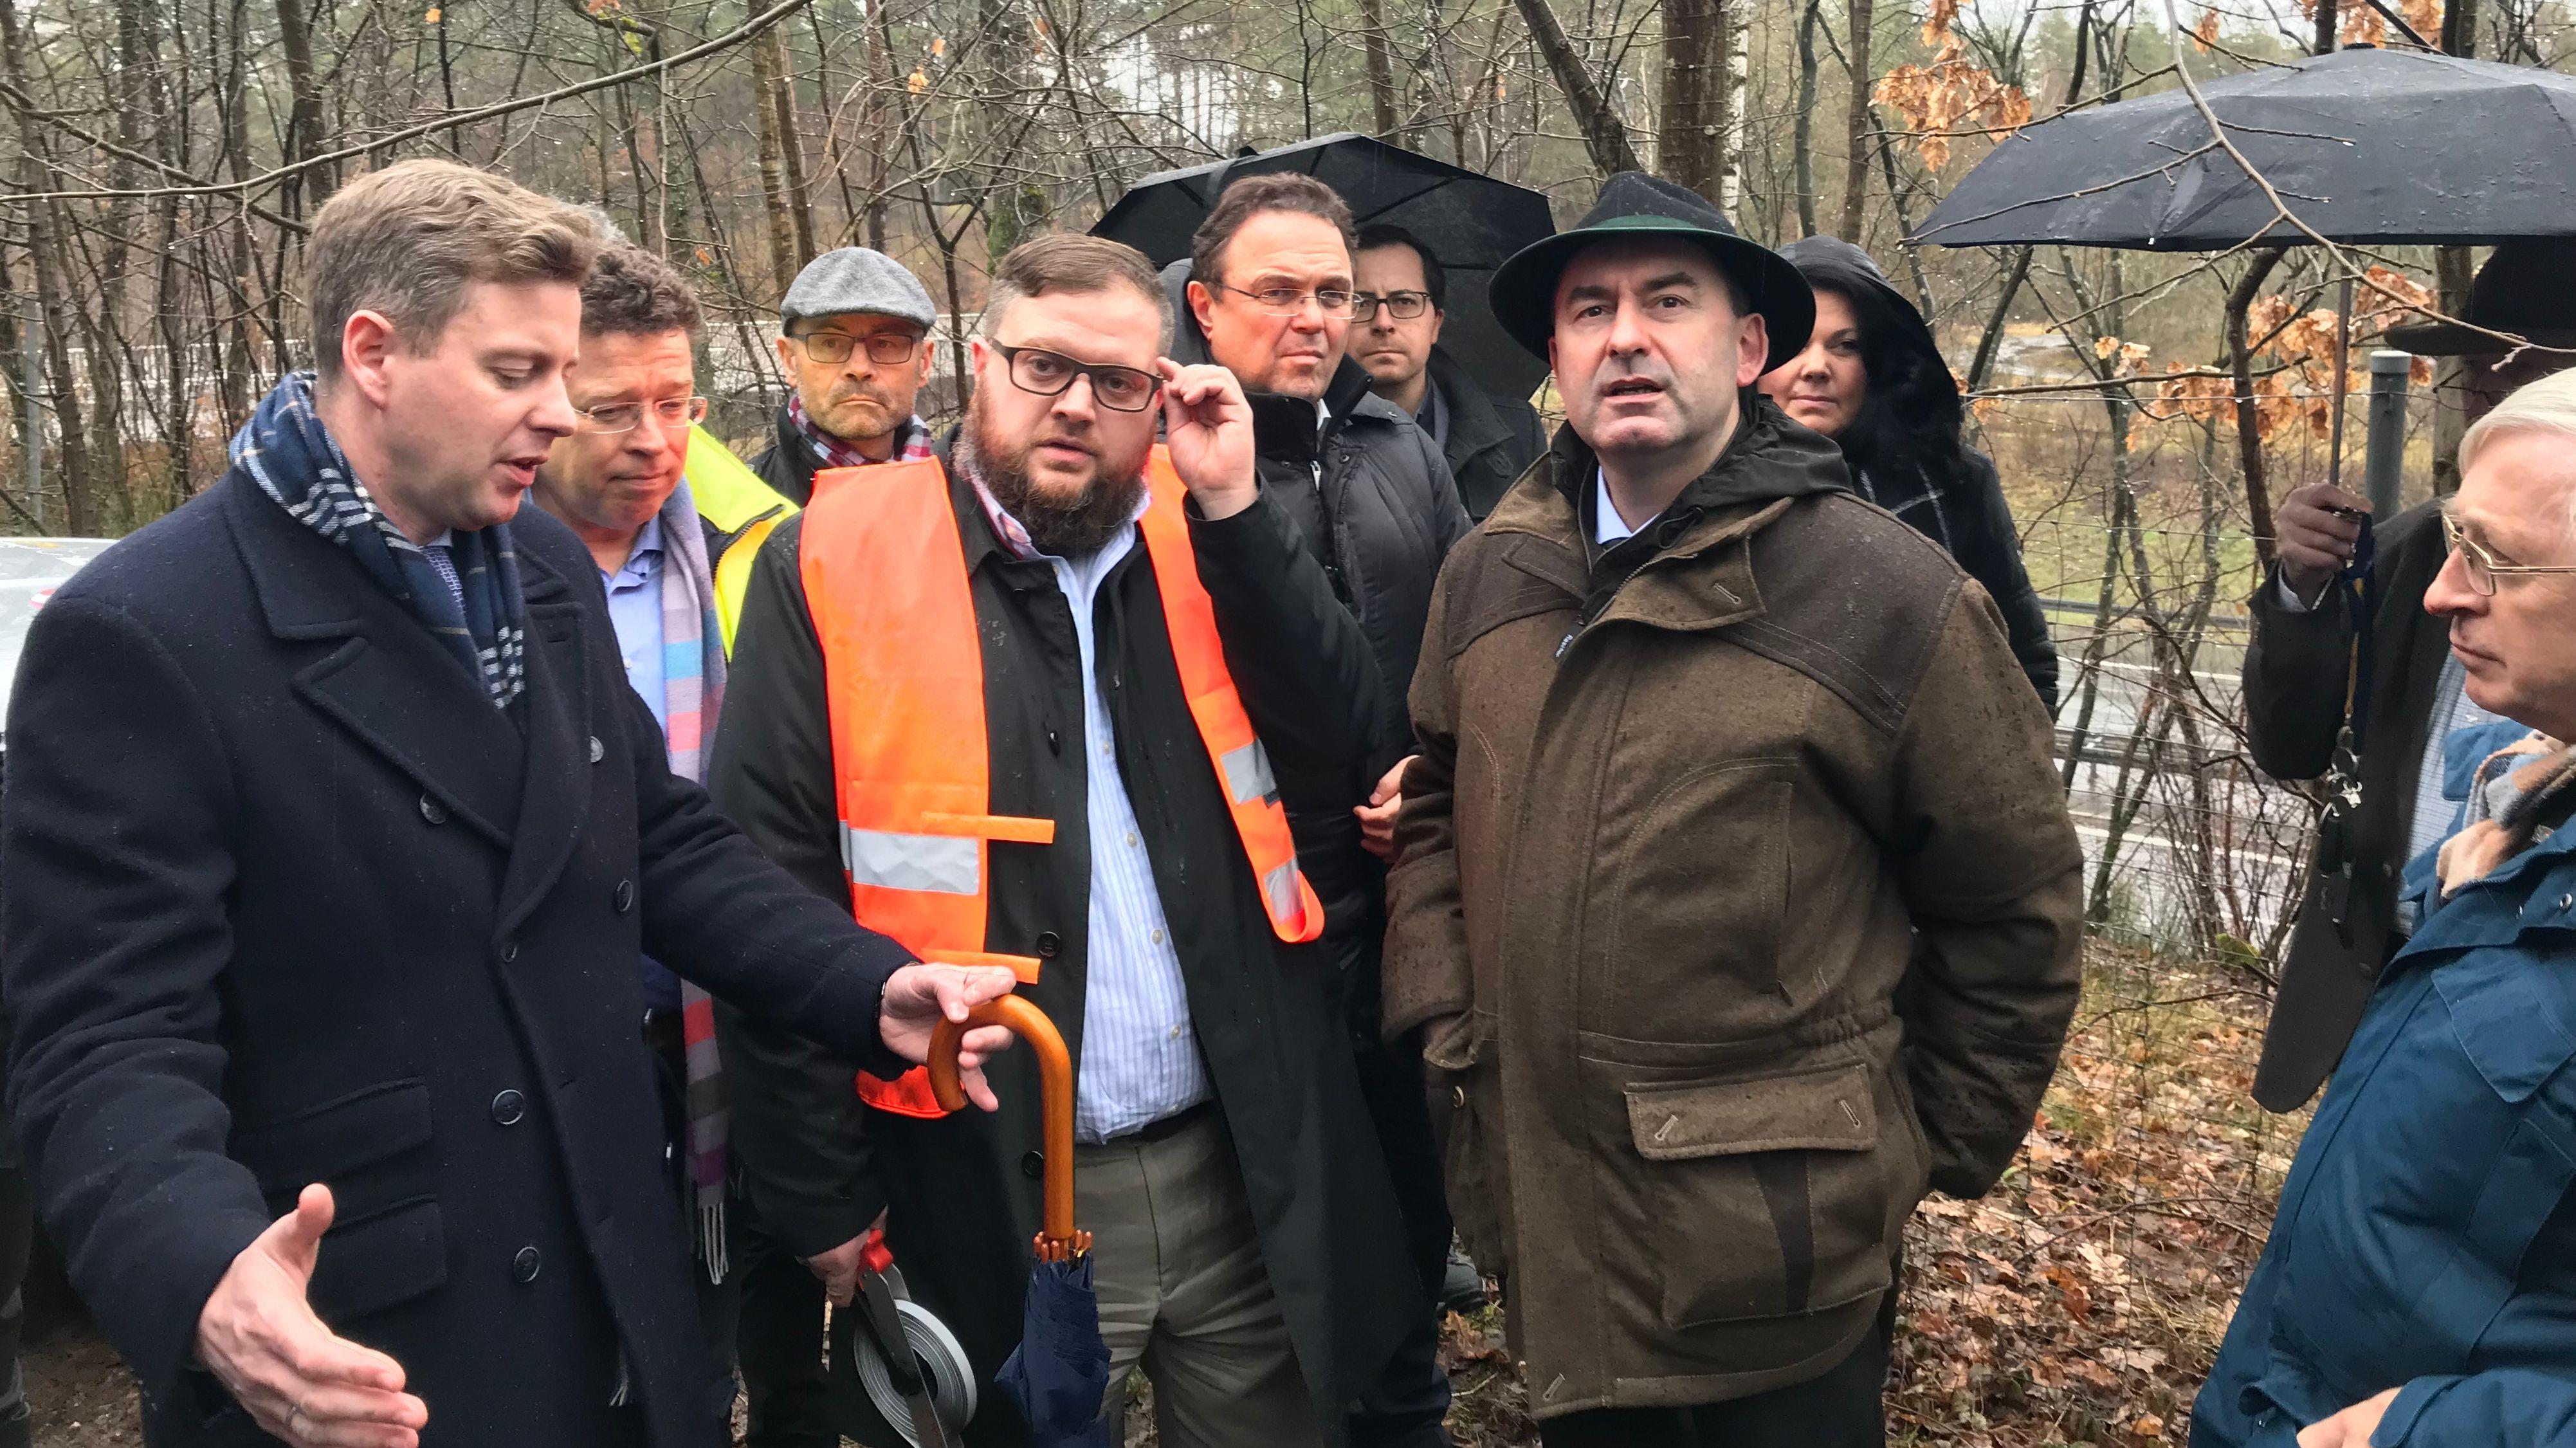 Energieminister Hubert Aiwanger informiert sich über den Südostlink.